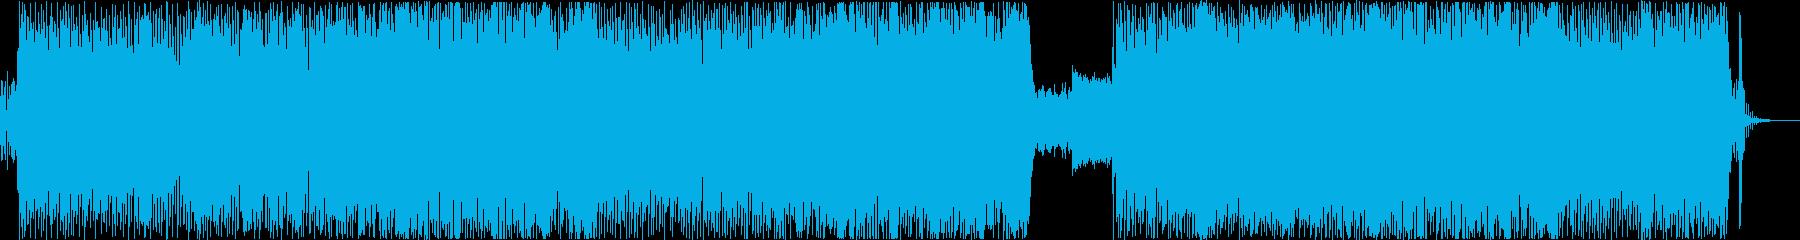 アニメ主題歌風のダンス曲_女性Vo の再生済みの波形